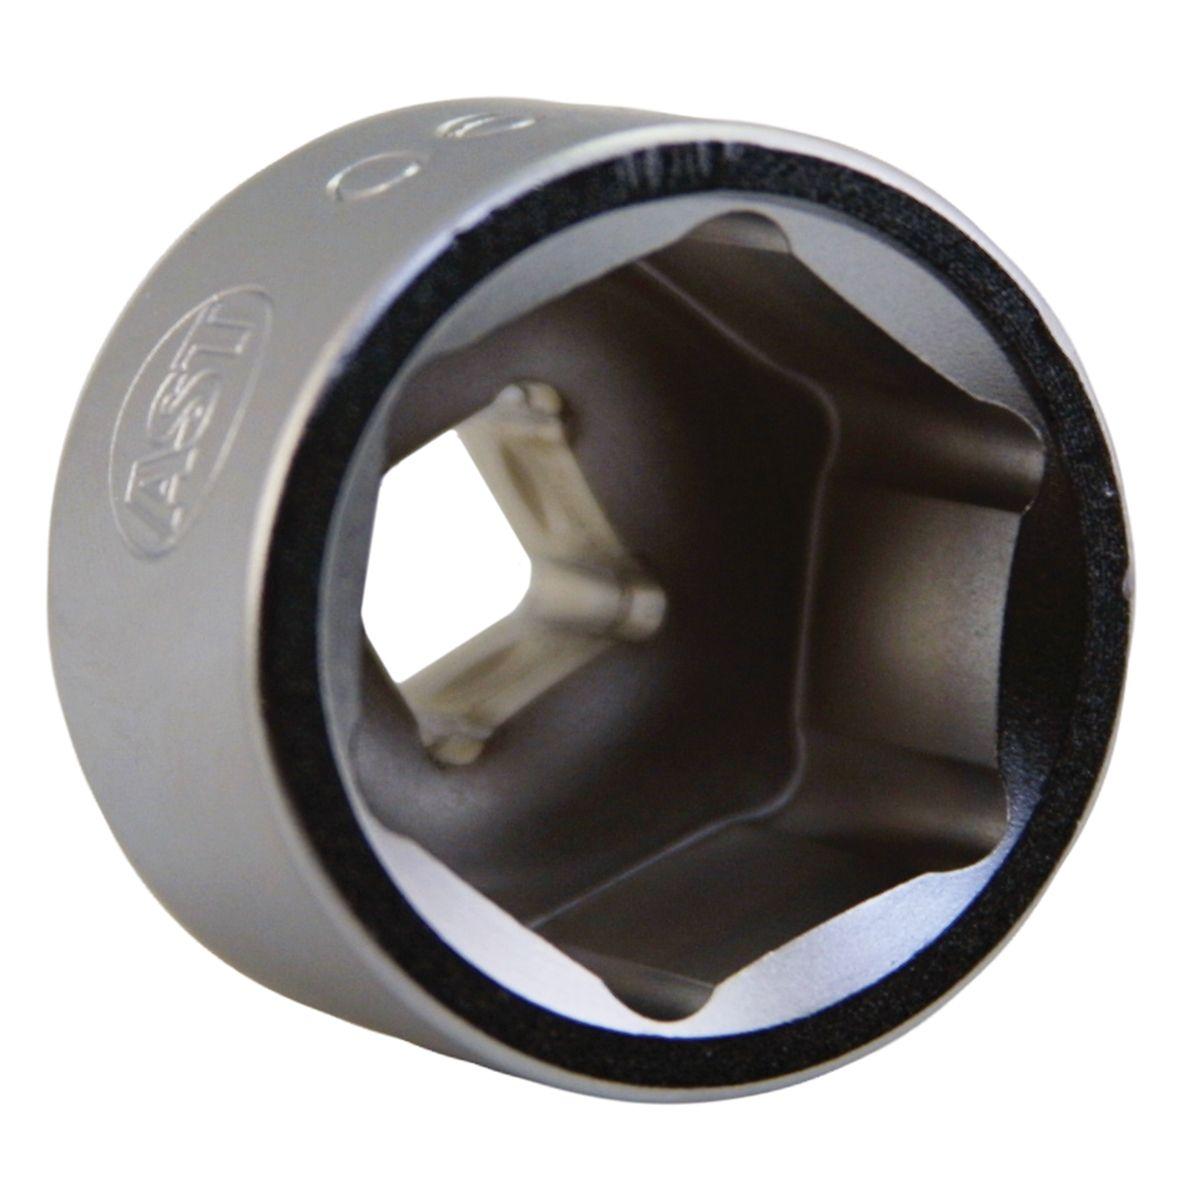 assenmacher 2124 24mm oil filter socket ast2124 ah2124 ass2124. Black Bedroom Furniture Sets. Home Design Ideas